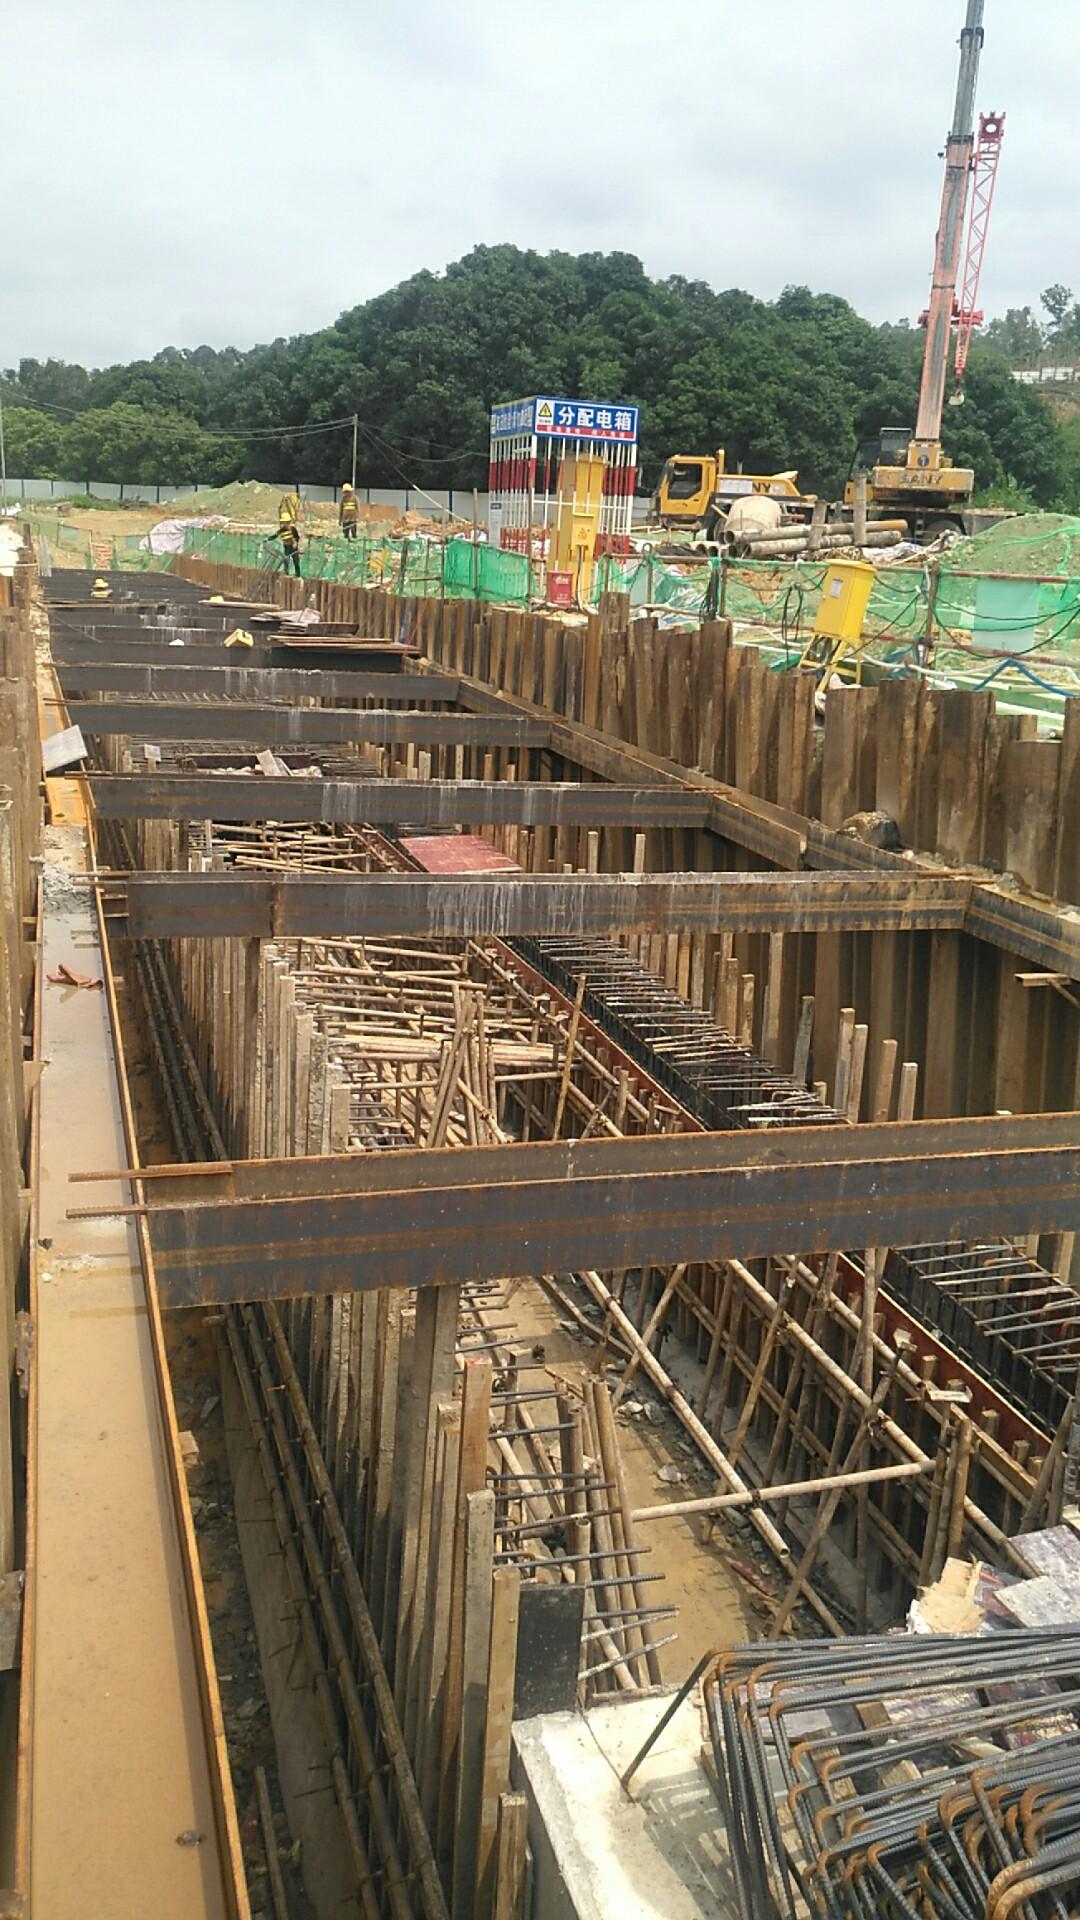 拉森钢板桩地基破裂导致的倾斜问题